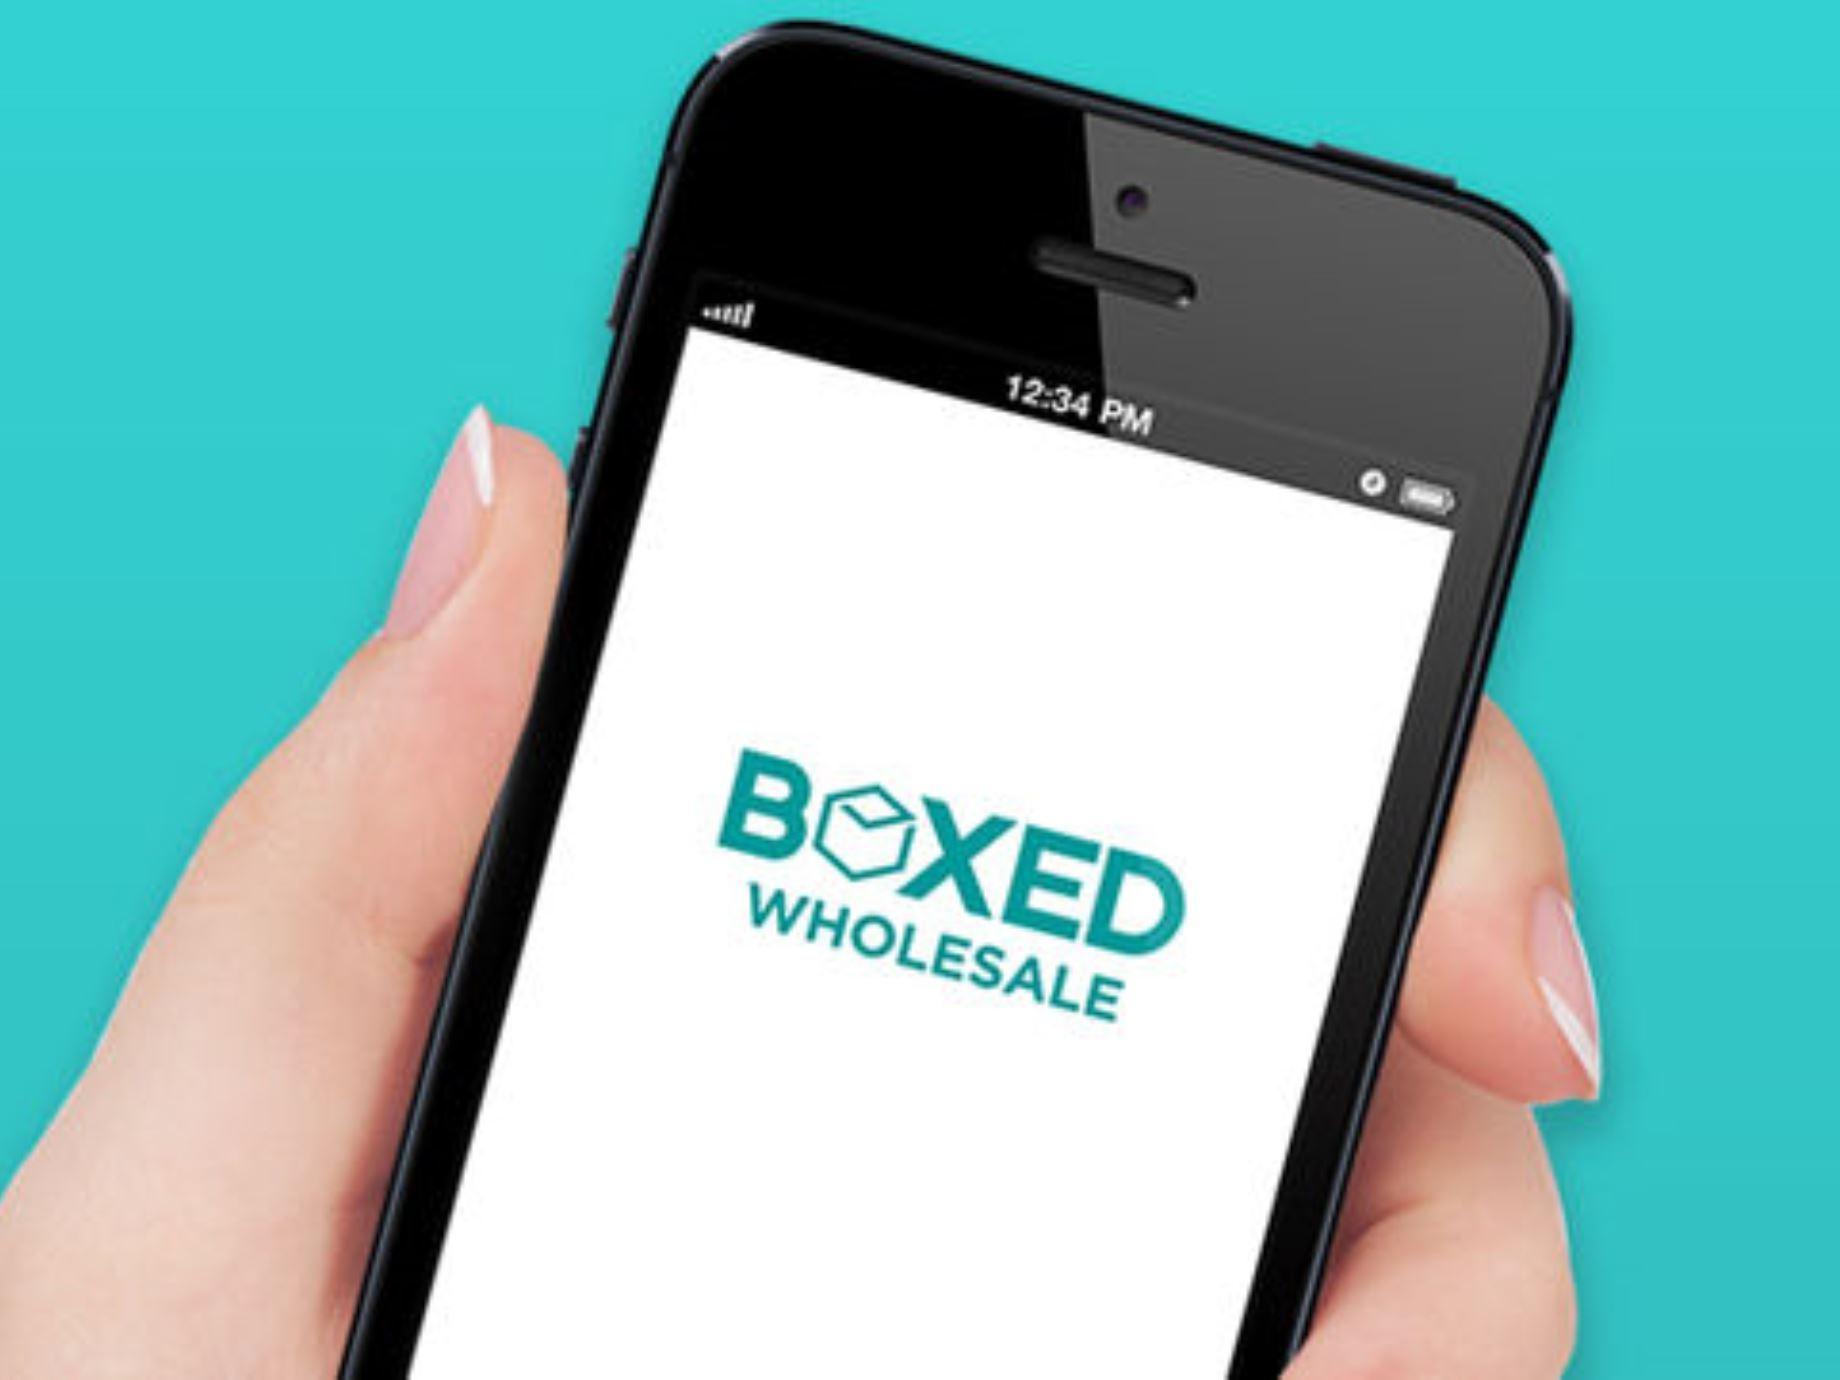 都說科技賦能!美國批發電商Boxed推3大智慧工具,提升購物體驗